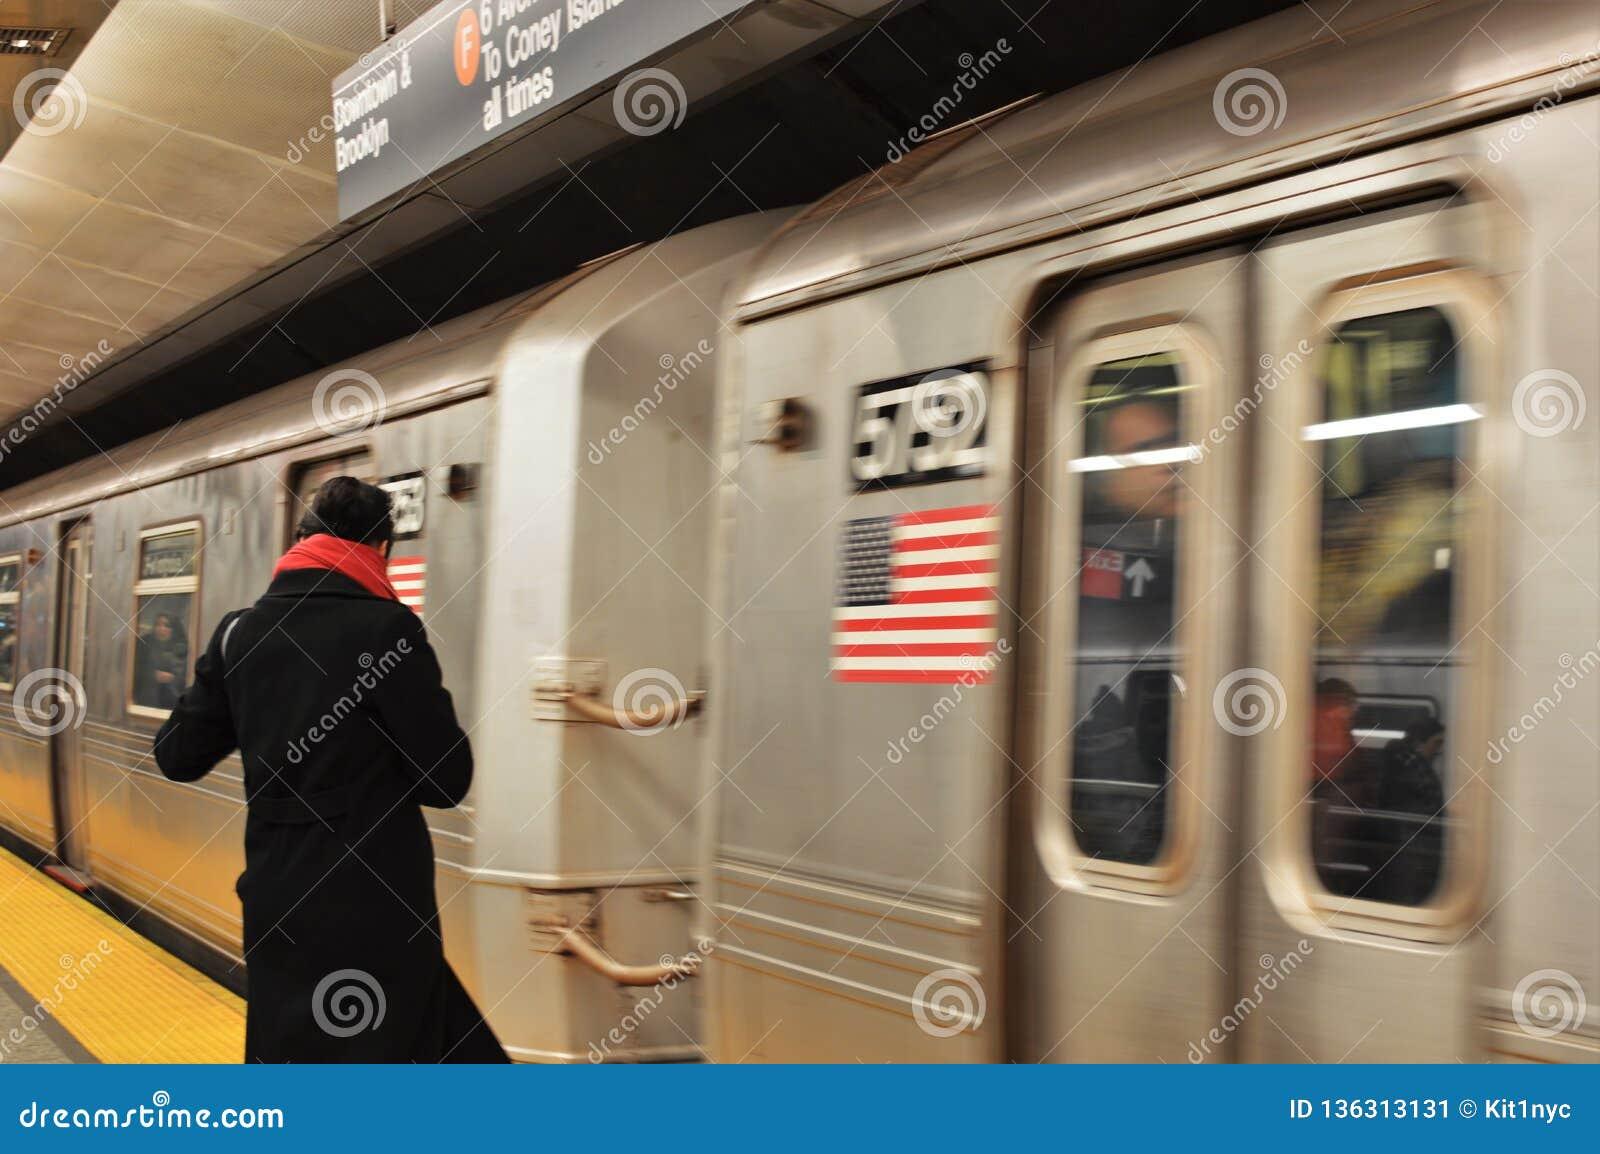 Woman Commuting On Subway Platform Nyc Mta Subway Train Car